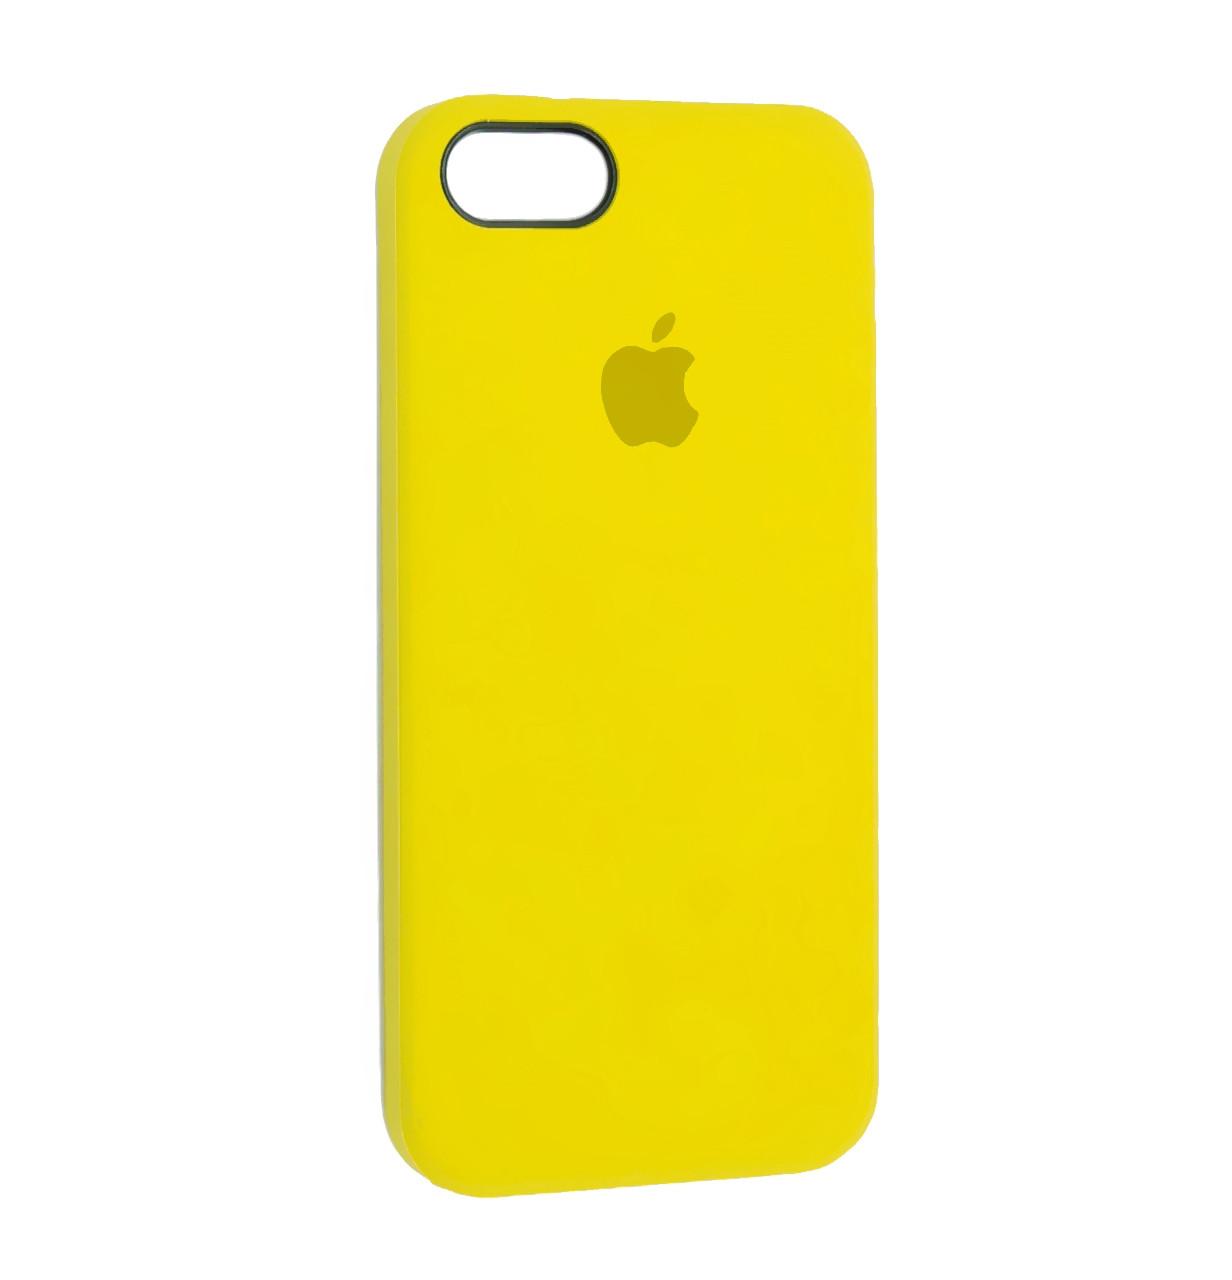 Чехол-накладка Original Silicone case на IPhone 5 / 5s / SE Yellow